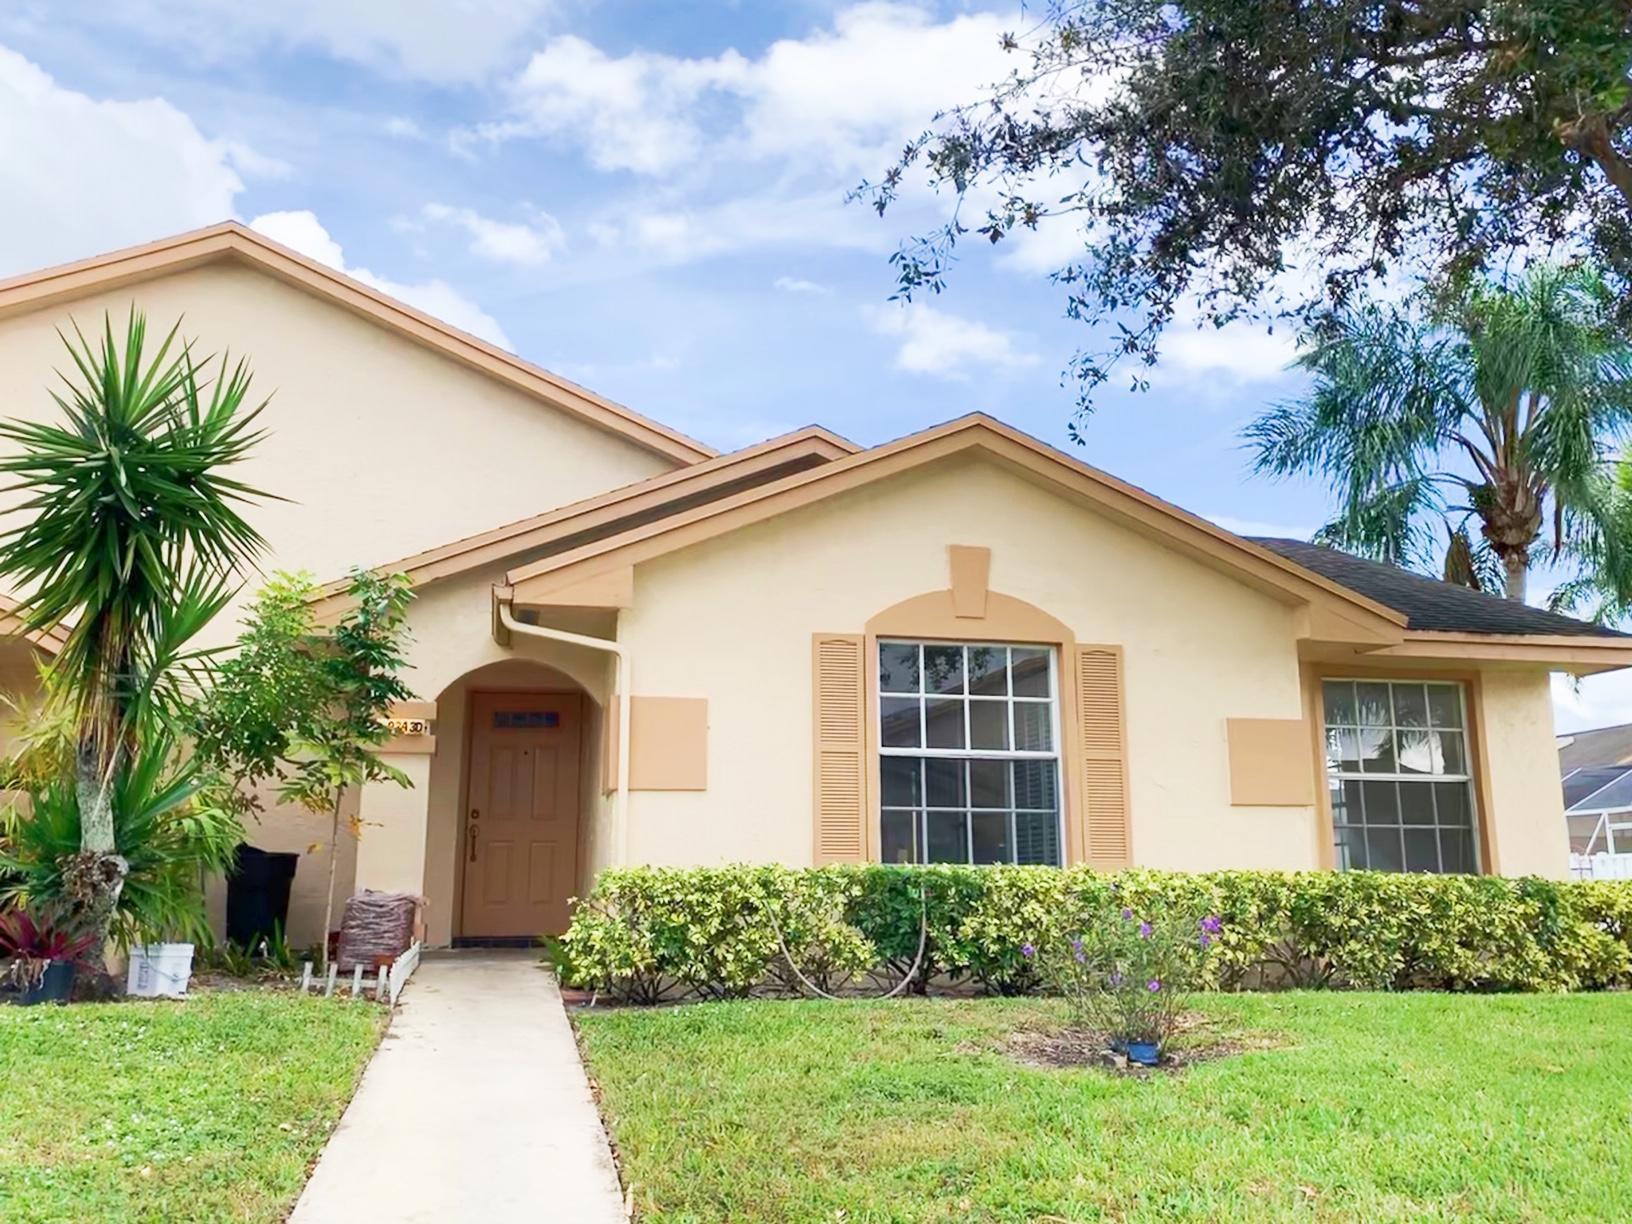 9343 Boca Gardens Circle #D Boca Raton, FL 33496